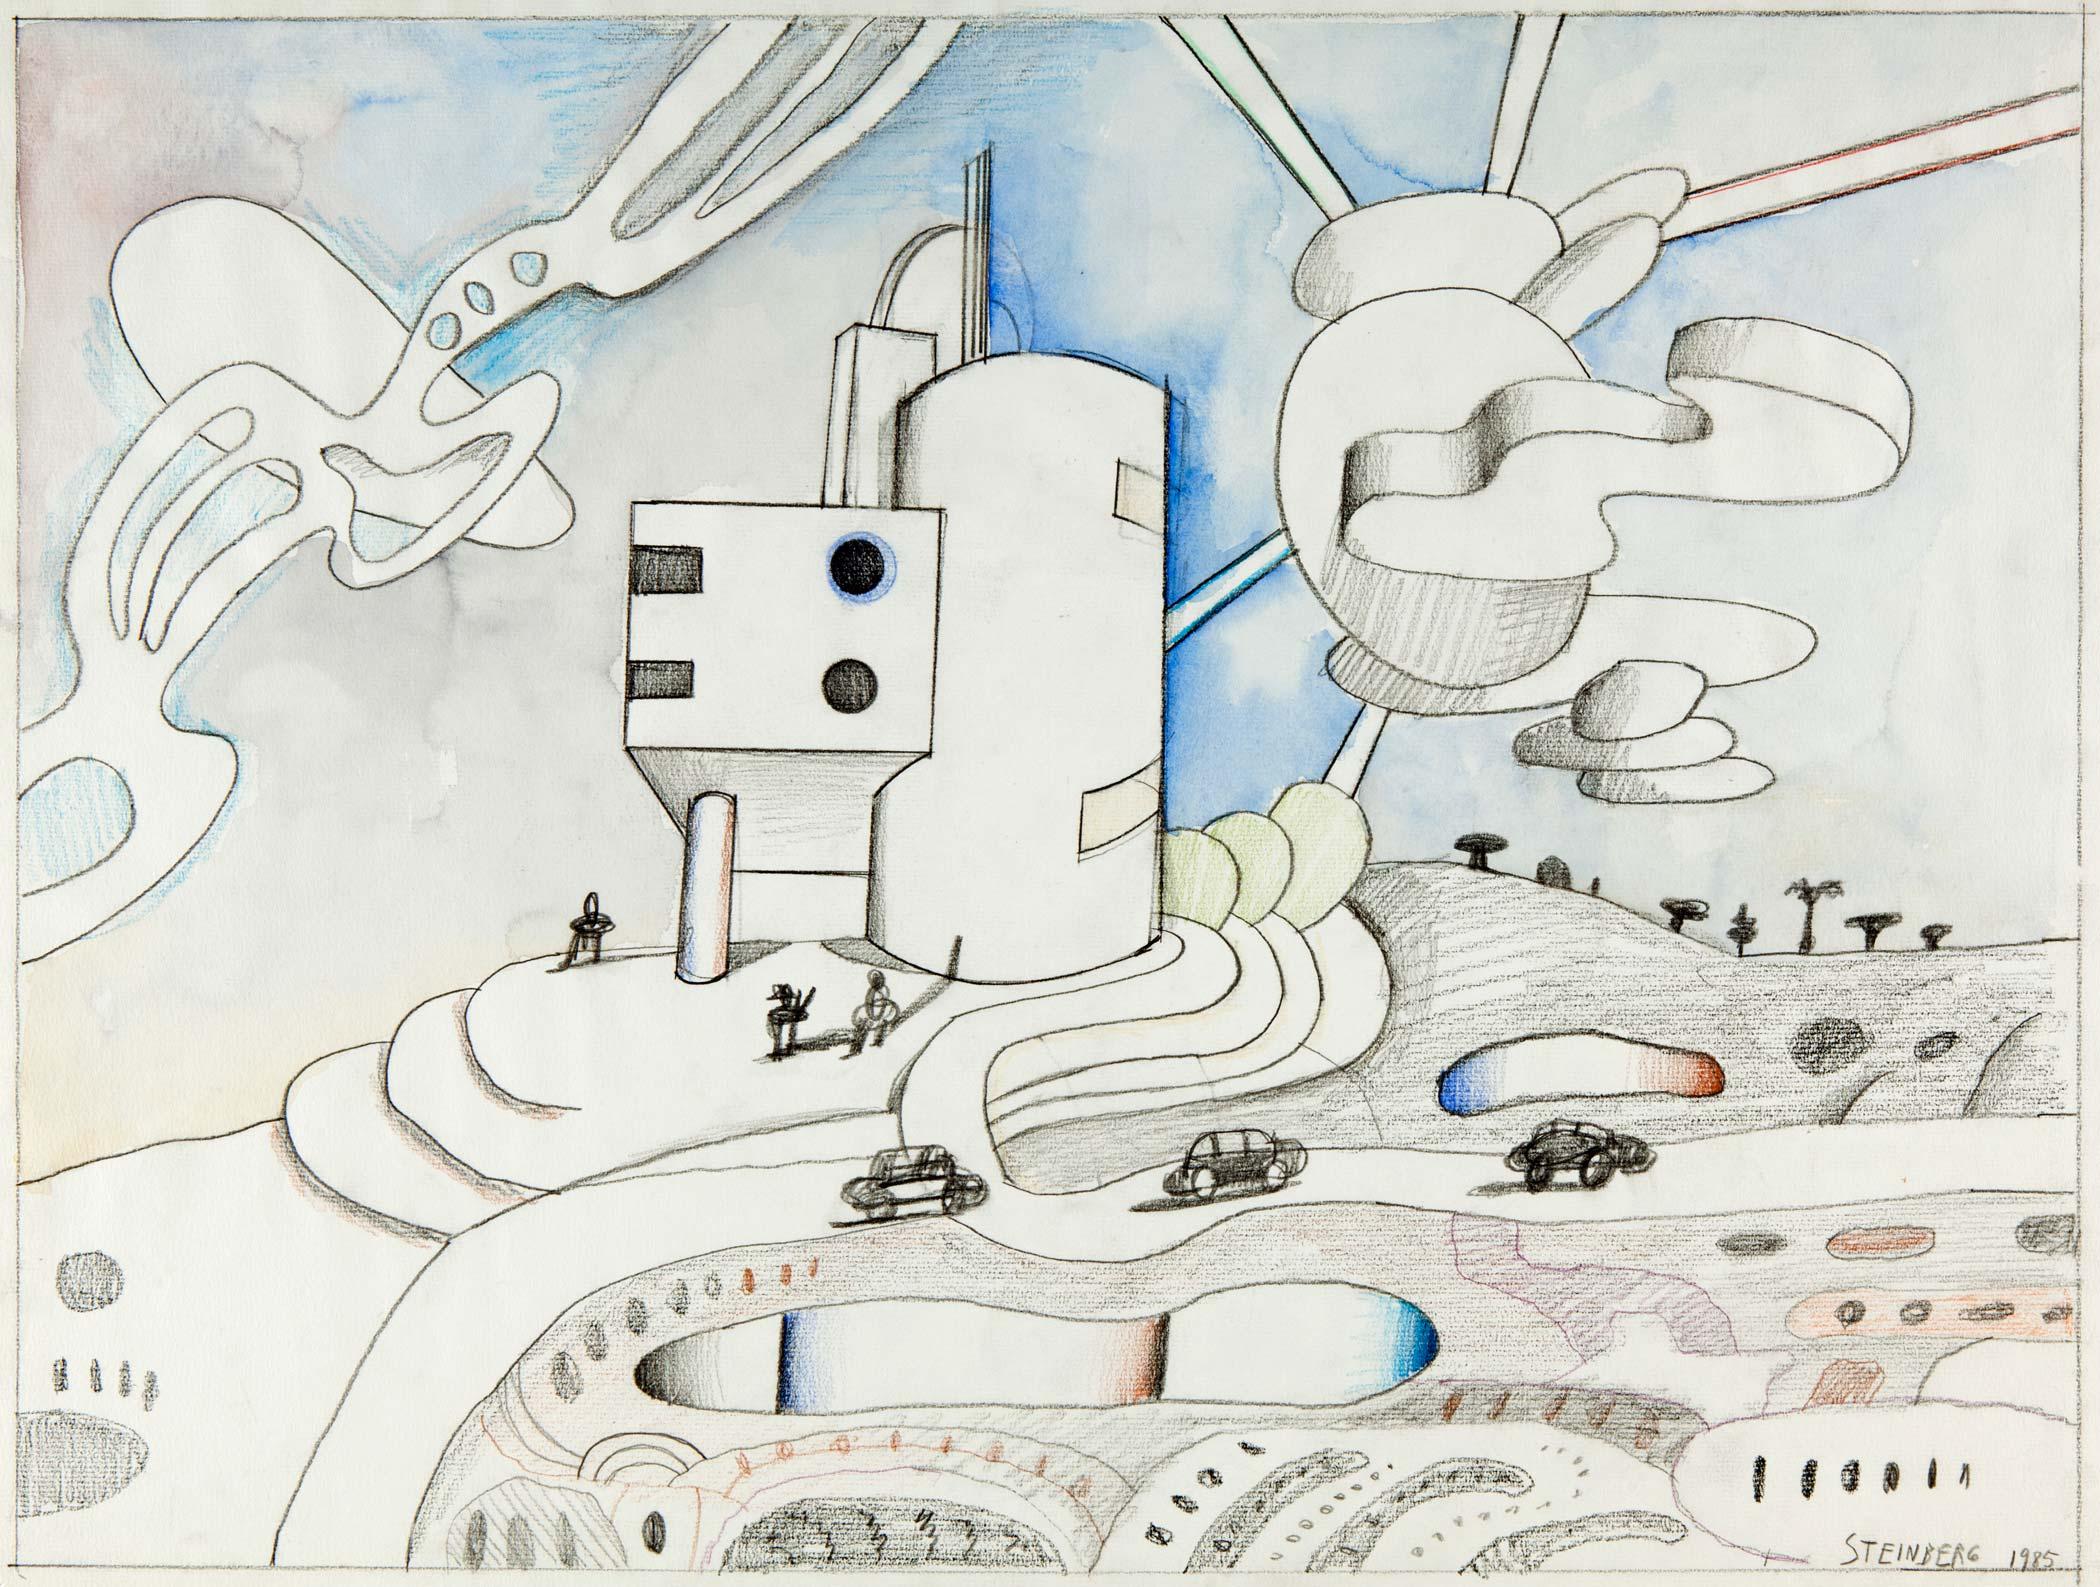 Picasso had trouble with hands and feet. Since I knew all the drawing-board tricks, I was able to leap over the problem of clouds./Picasso aveva problemi a disegnare mani e piedi. Visto che sapevo tutti i trucchi da architetto, potei sorvolare il problema delle nuvole.